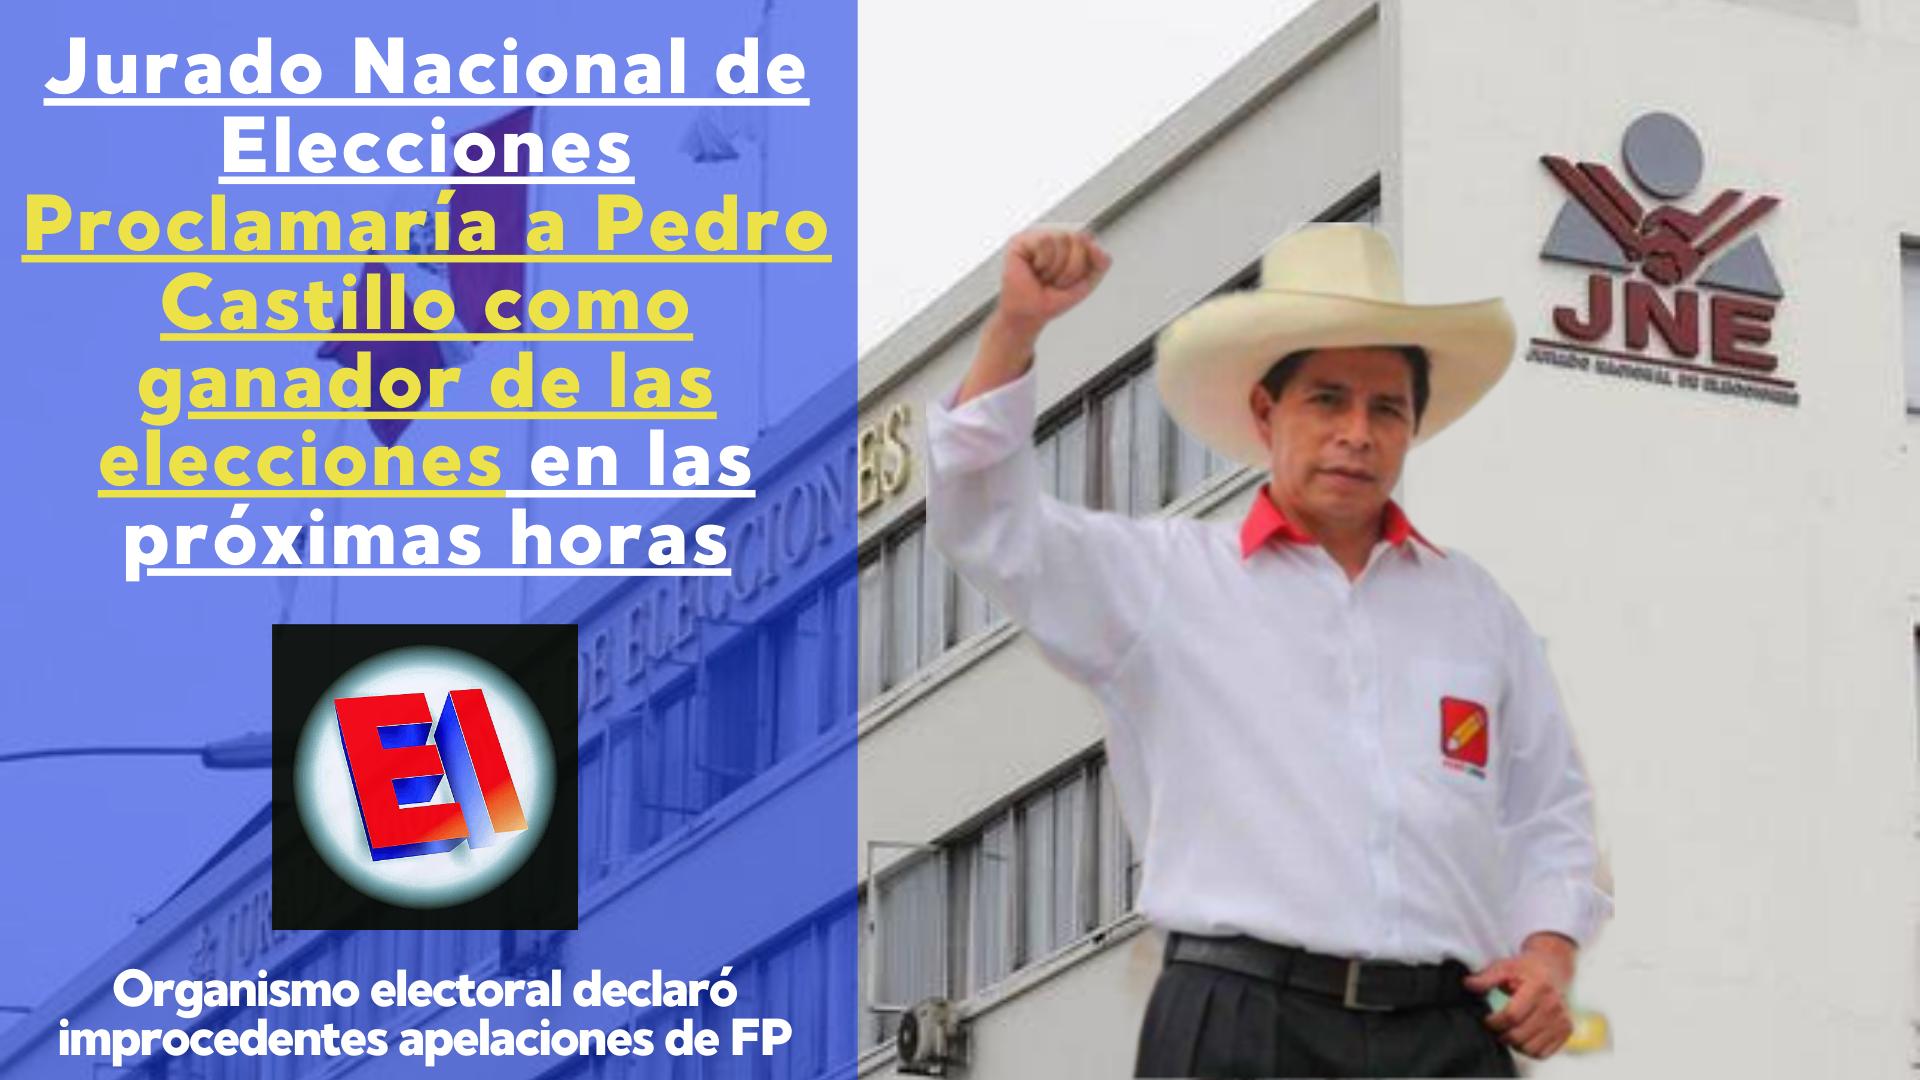 Jurado Nacional de Elecciones anuncia elaboración de Acta de Proclamación de resultados tras culminar revisión de apelaciones de Fuerza Popular